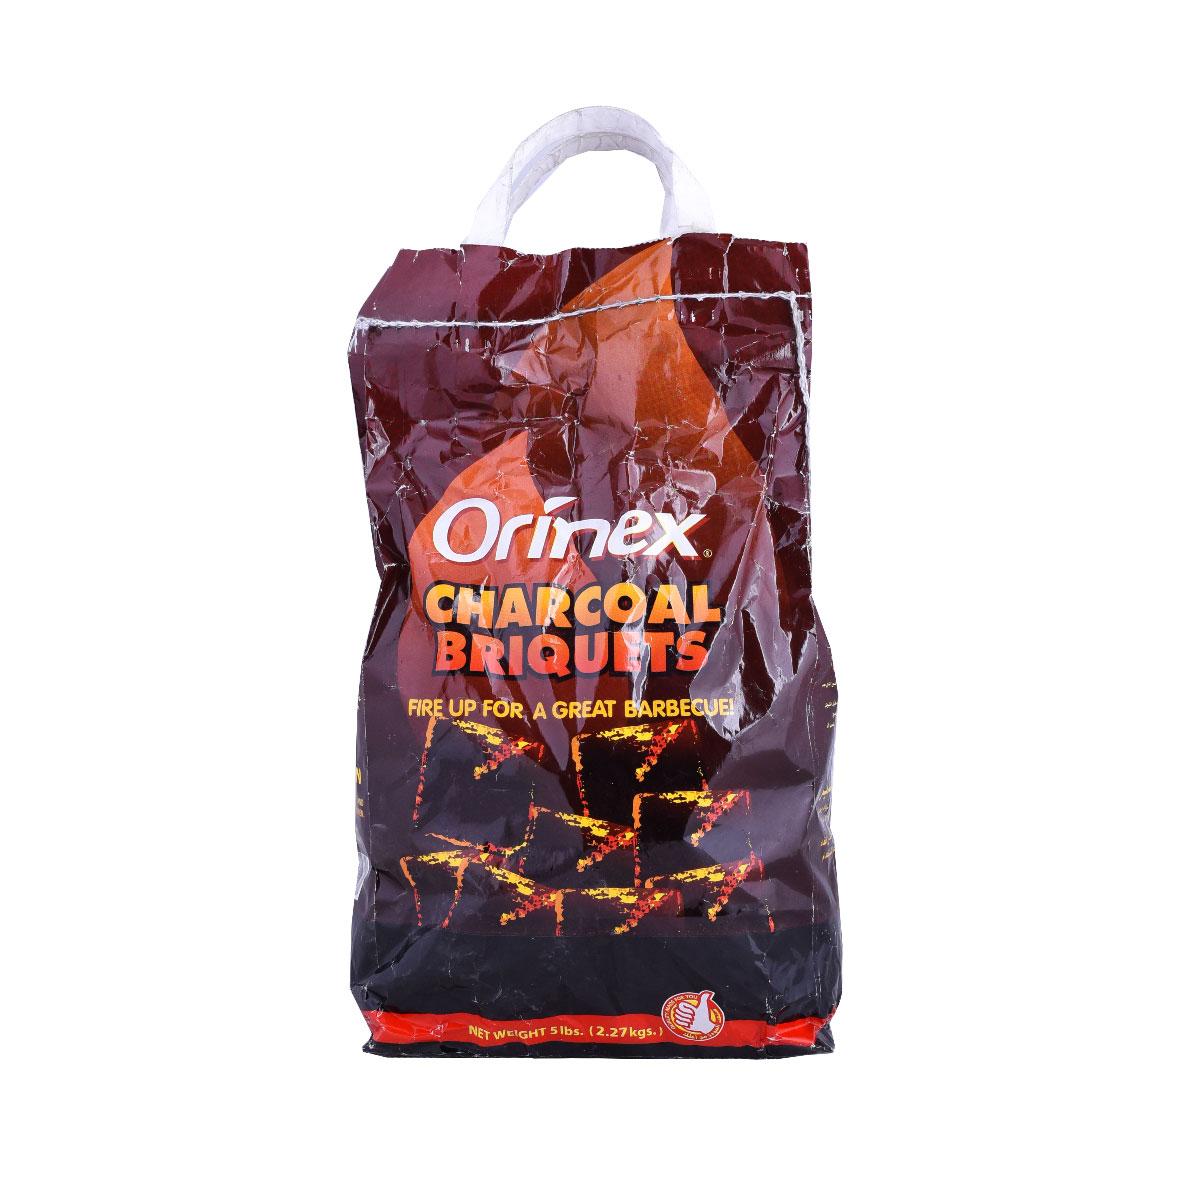 فحم صناعي اورينكس كيس 2.27 كغ